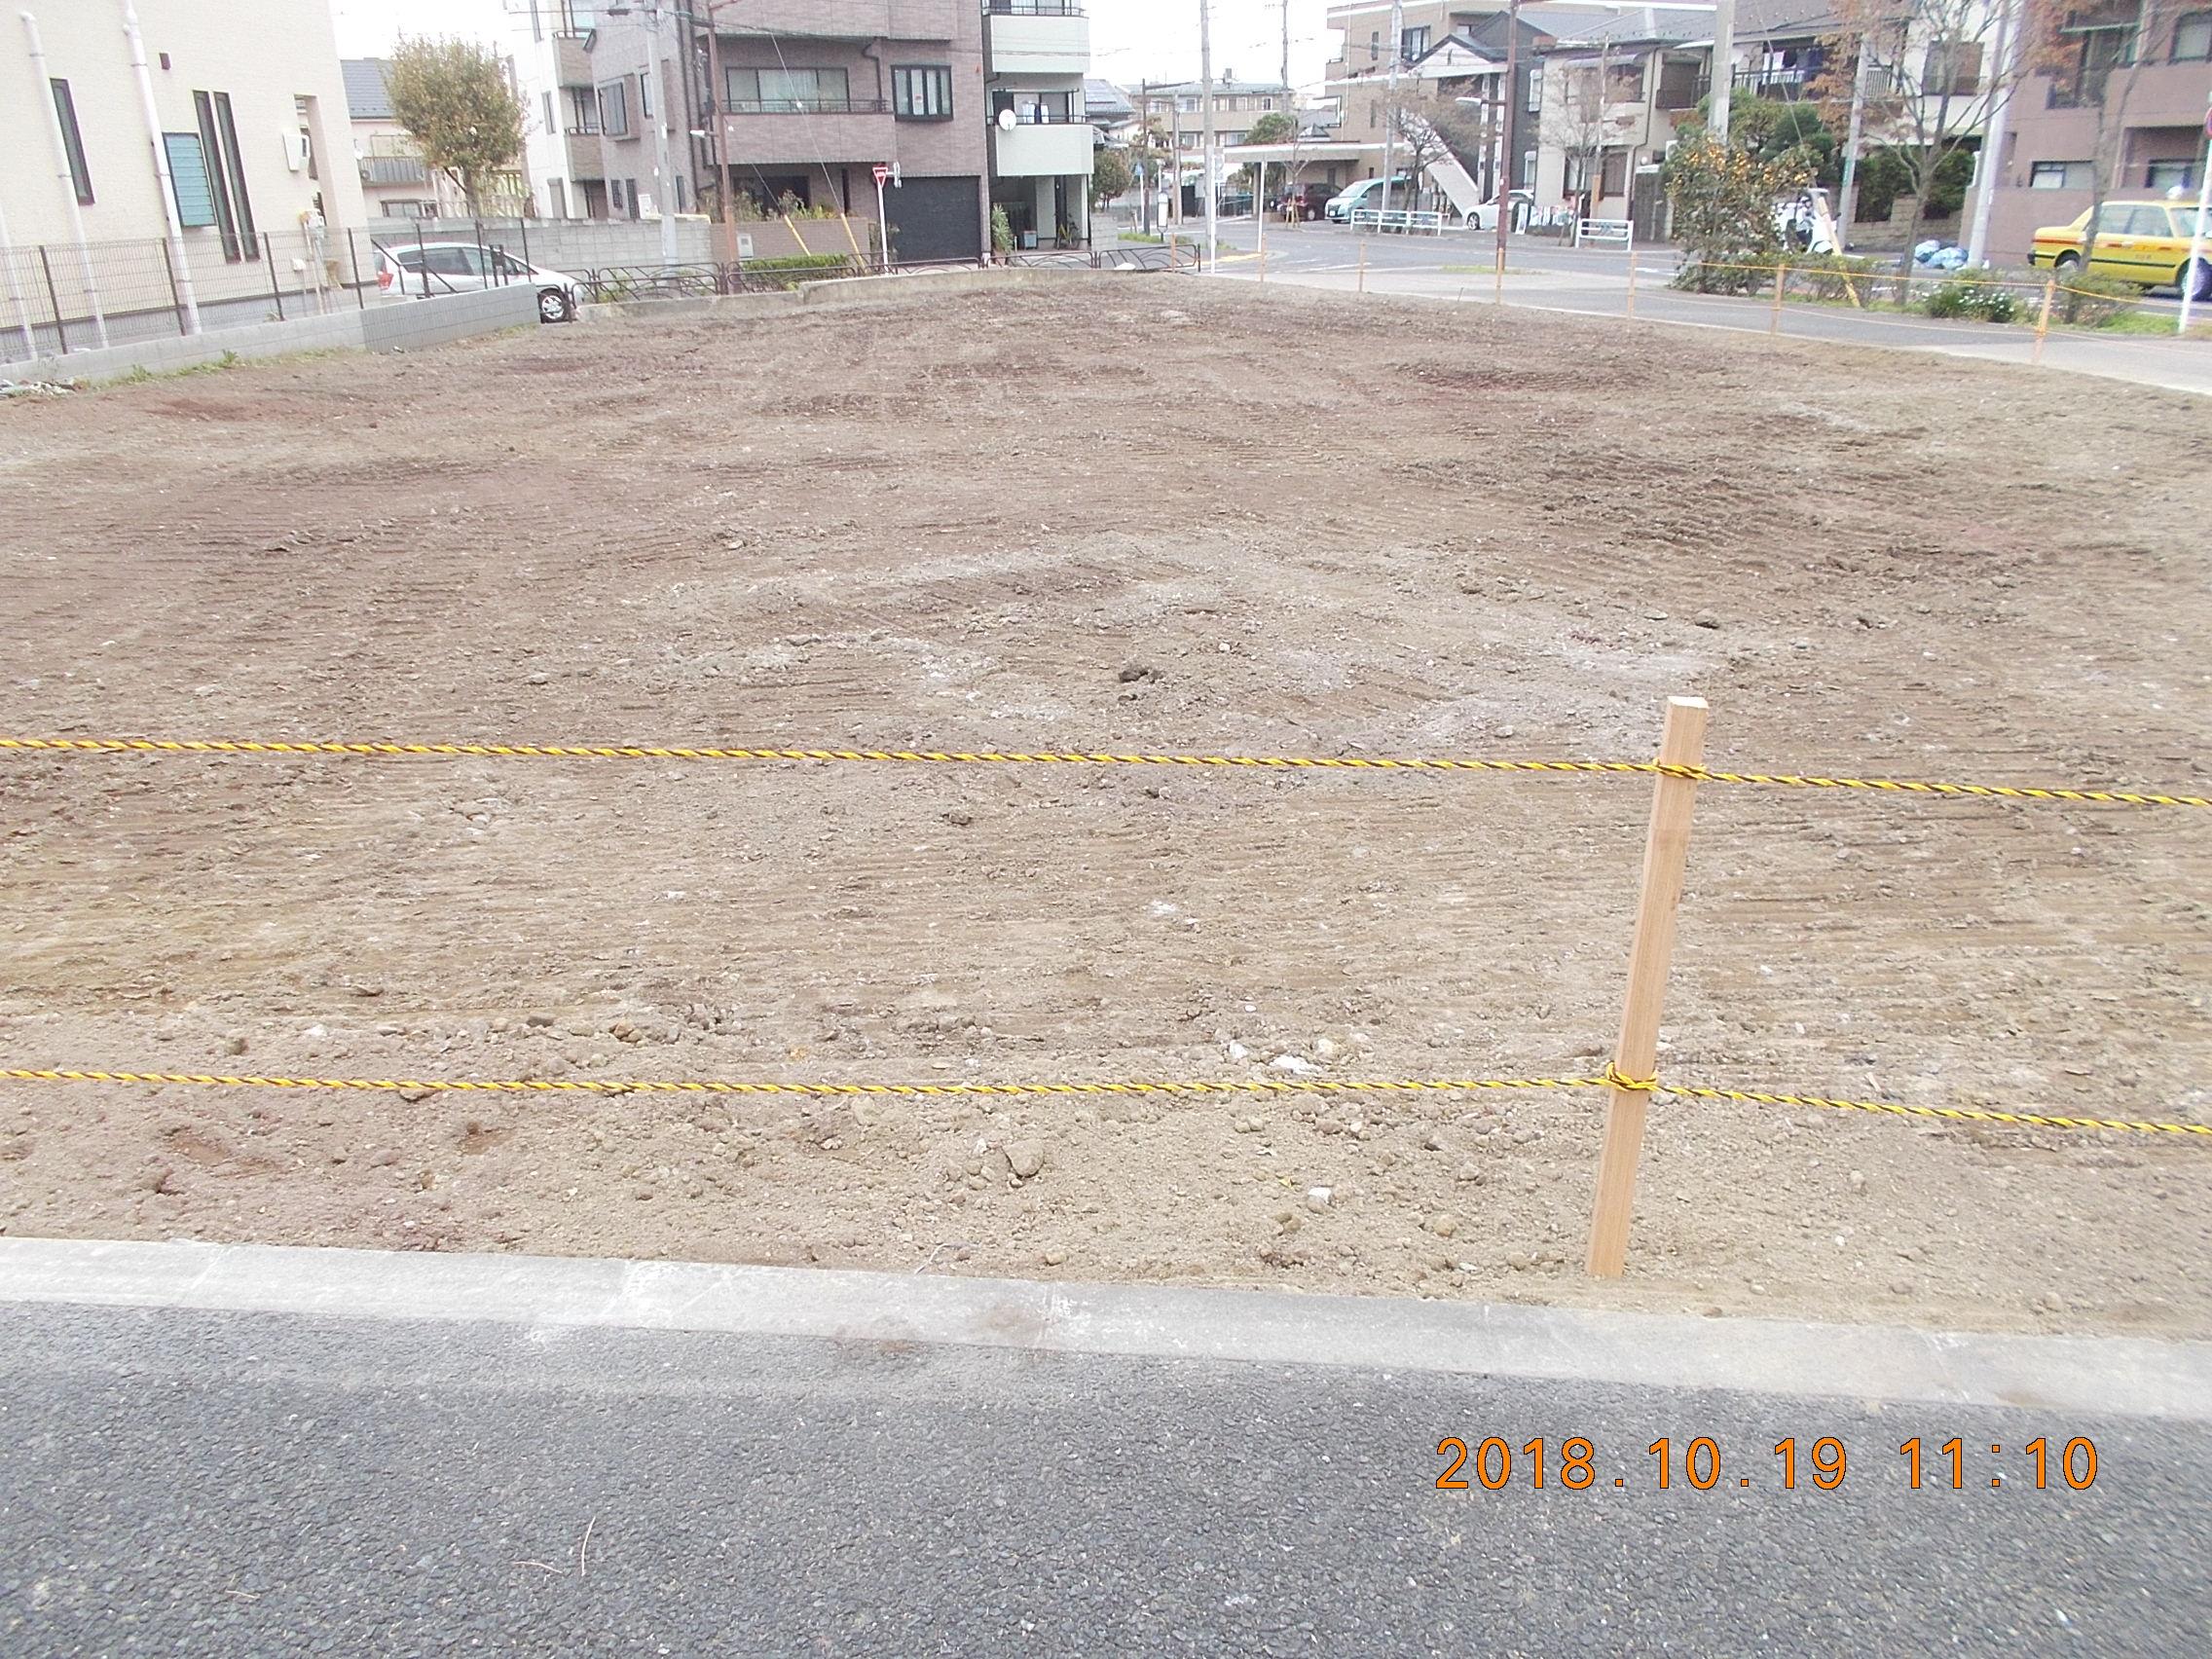 葛飾区新小岩 マンション解体